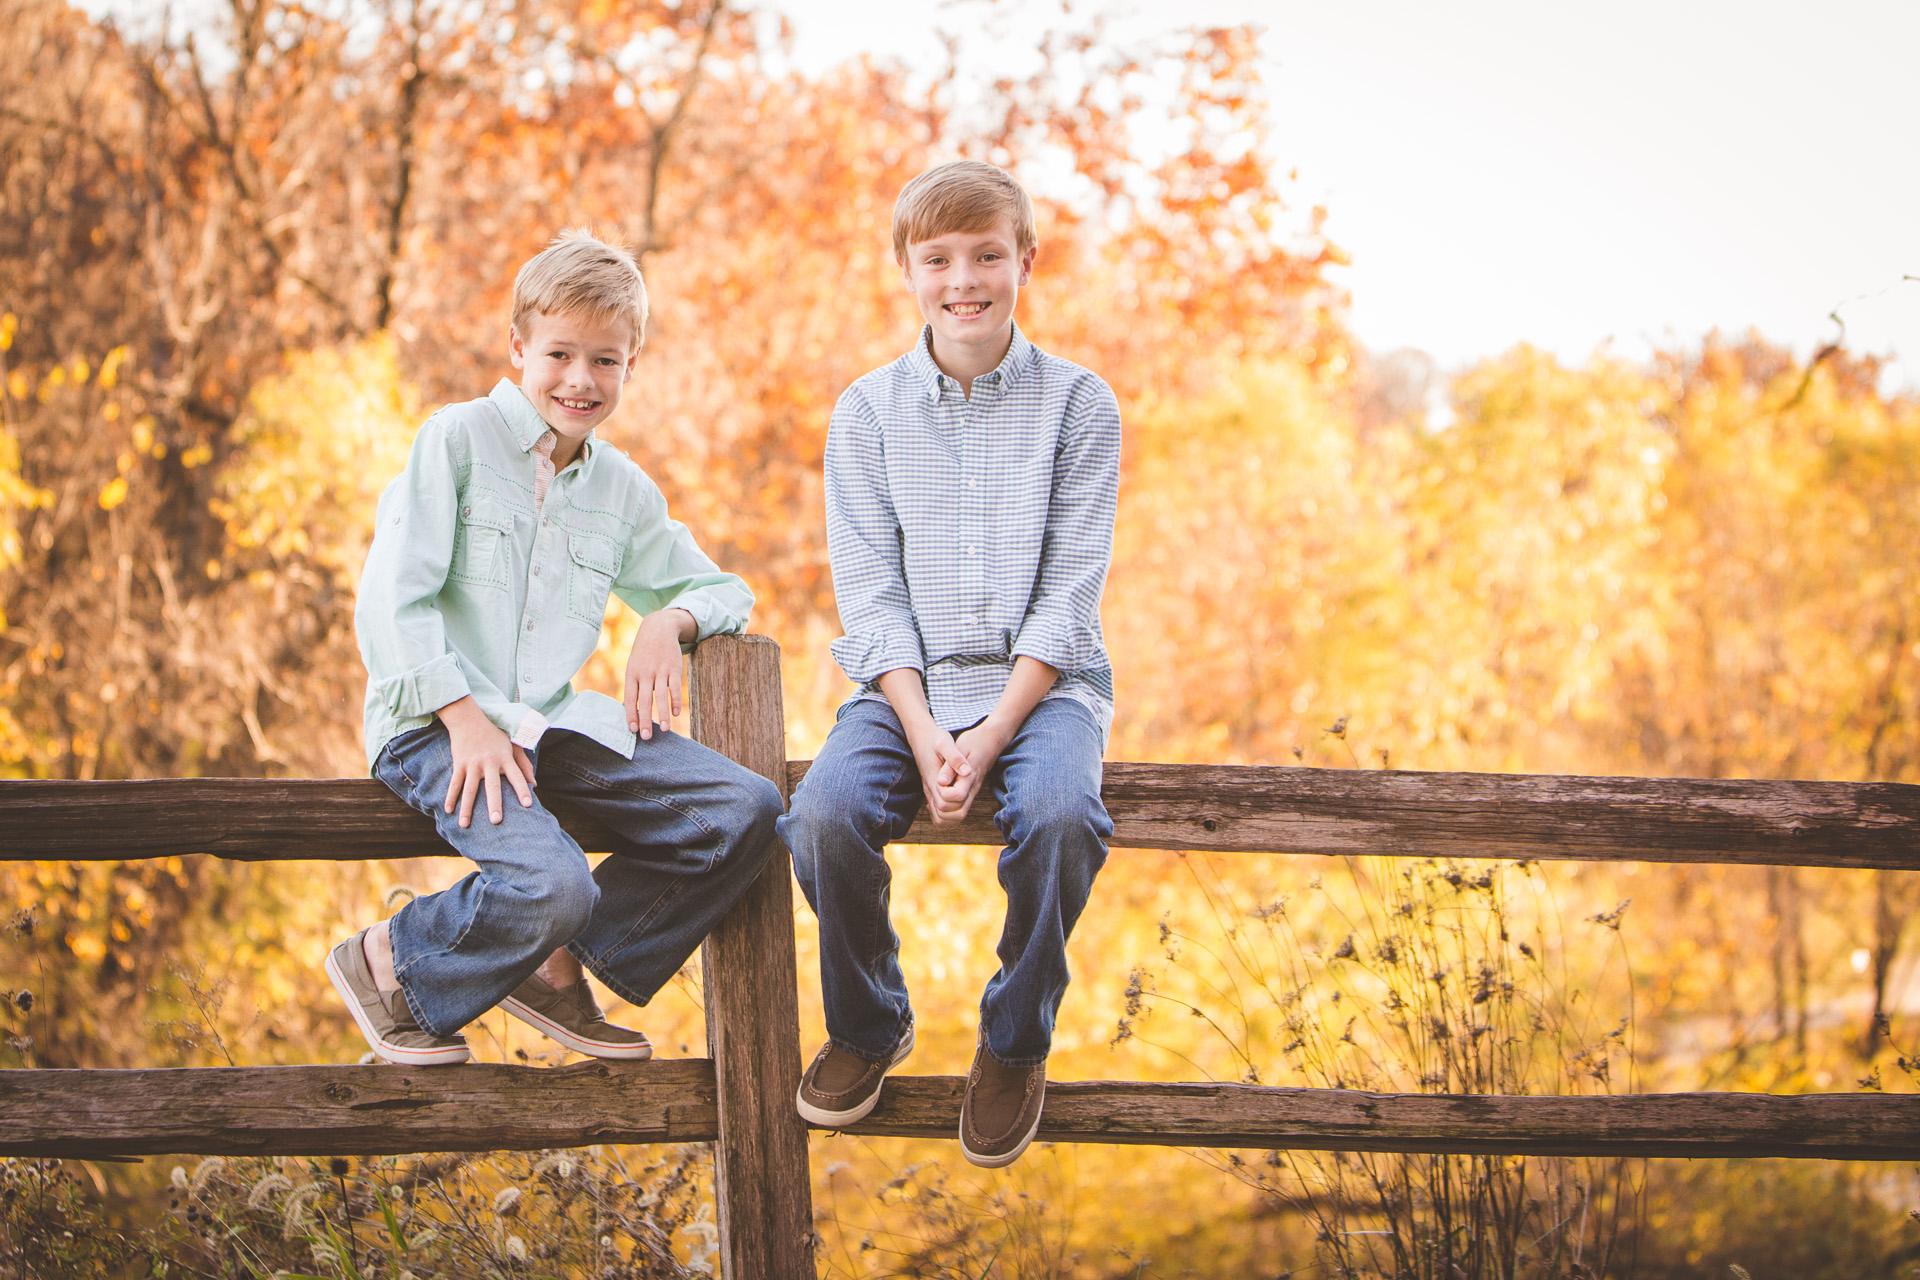 childrens-photography-ankeny.jpg